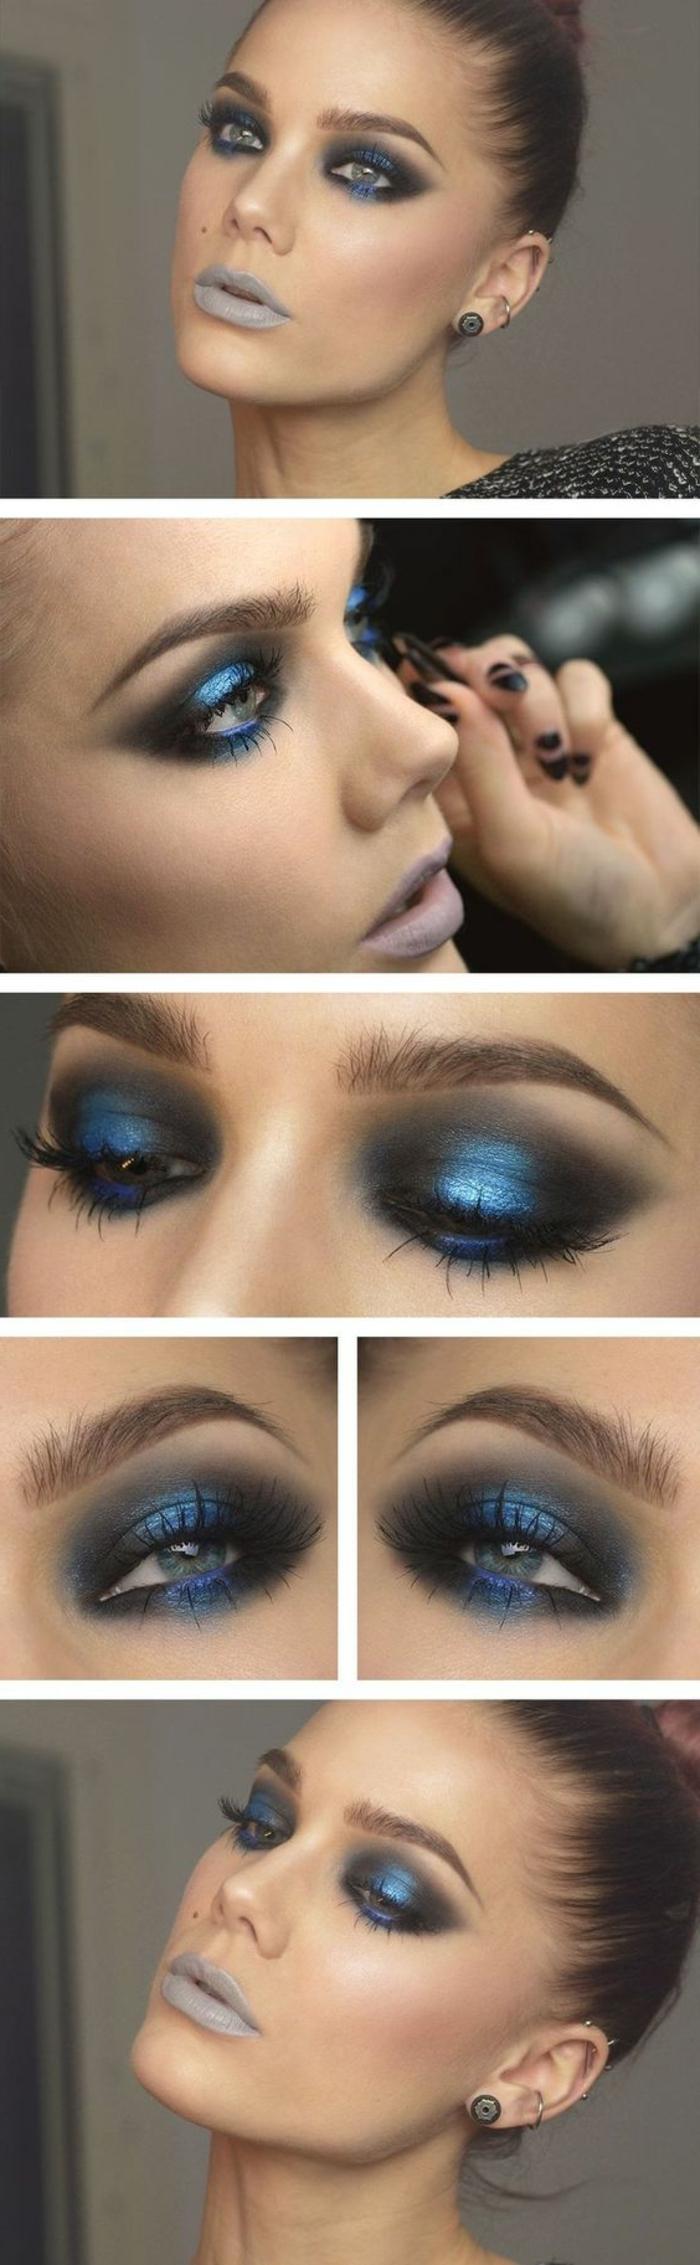 como-maquillarse-los-ojos-azules-en-tono-azul-negro-maquillaje-de-noche